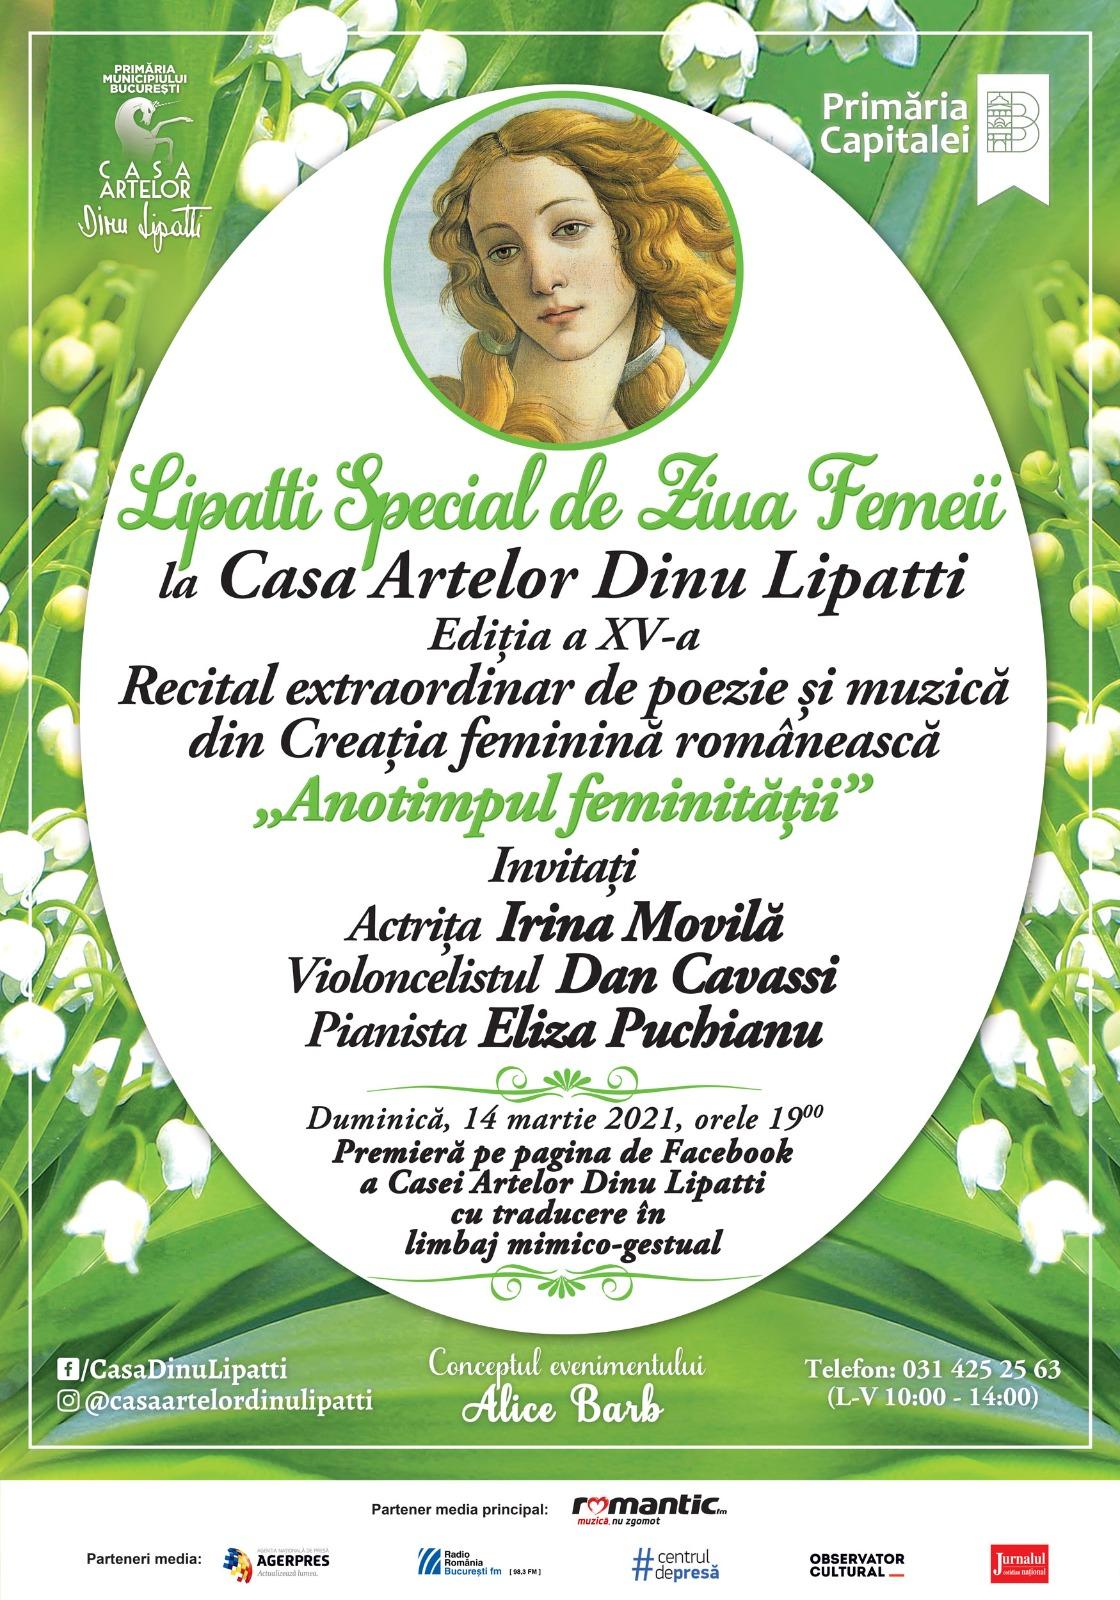 """Programul """"Lipatti Special"""" Ediția a XV-a, de Ziua Femeii, la Casa Artelor Dinu Lipatti """"Anotimpul feminității"""" - Recital Extraordinar de poezie și muzică din creația feminină românească, în Premieră Online"""